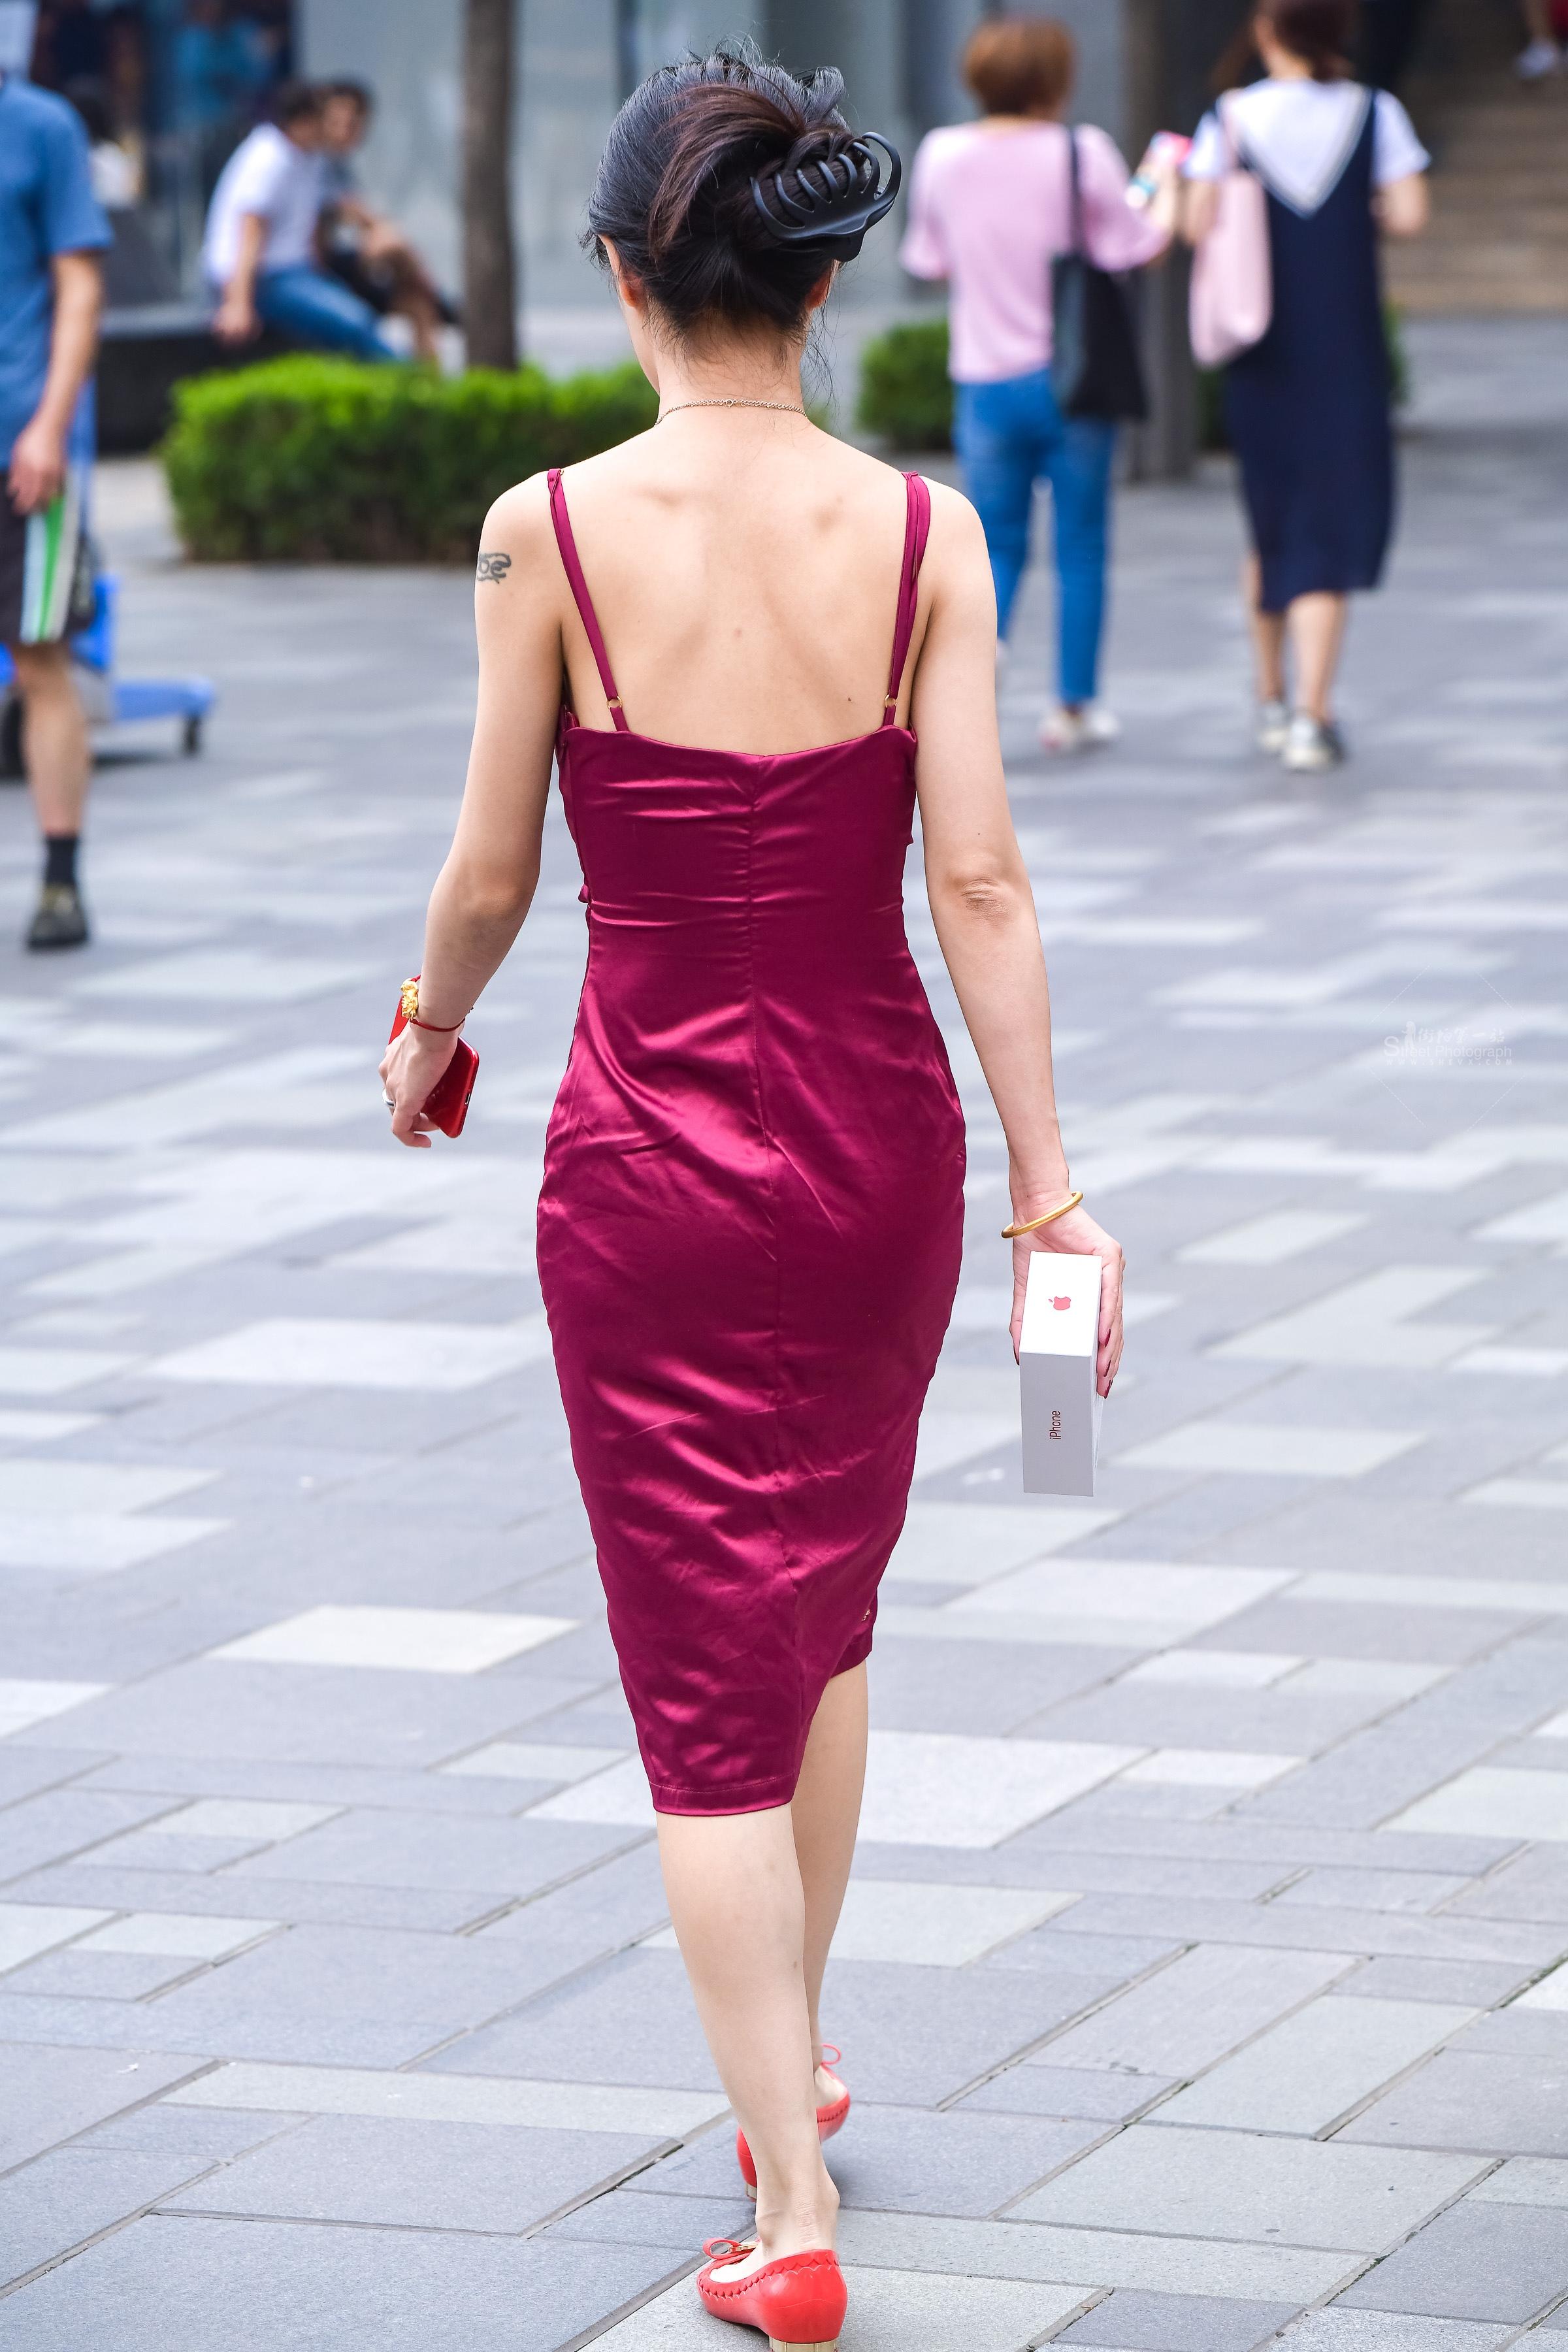 街拍女人,街拍吊带裙 丝绒露背吊带裙小 女人的时尚 最新街拍丝袜图片 街拍丝袜第一站